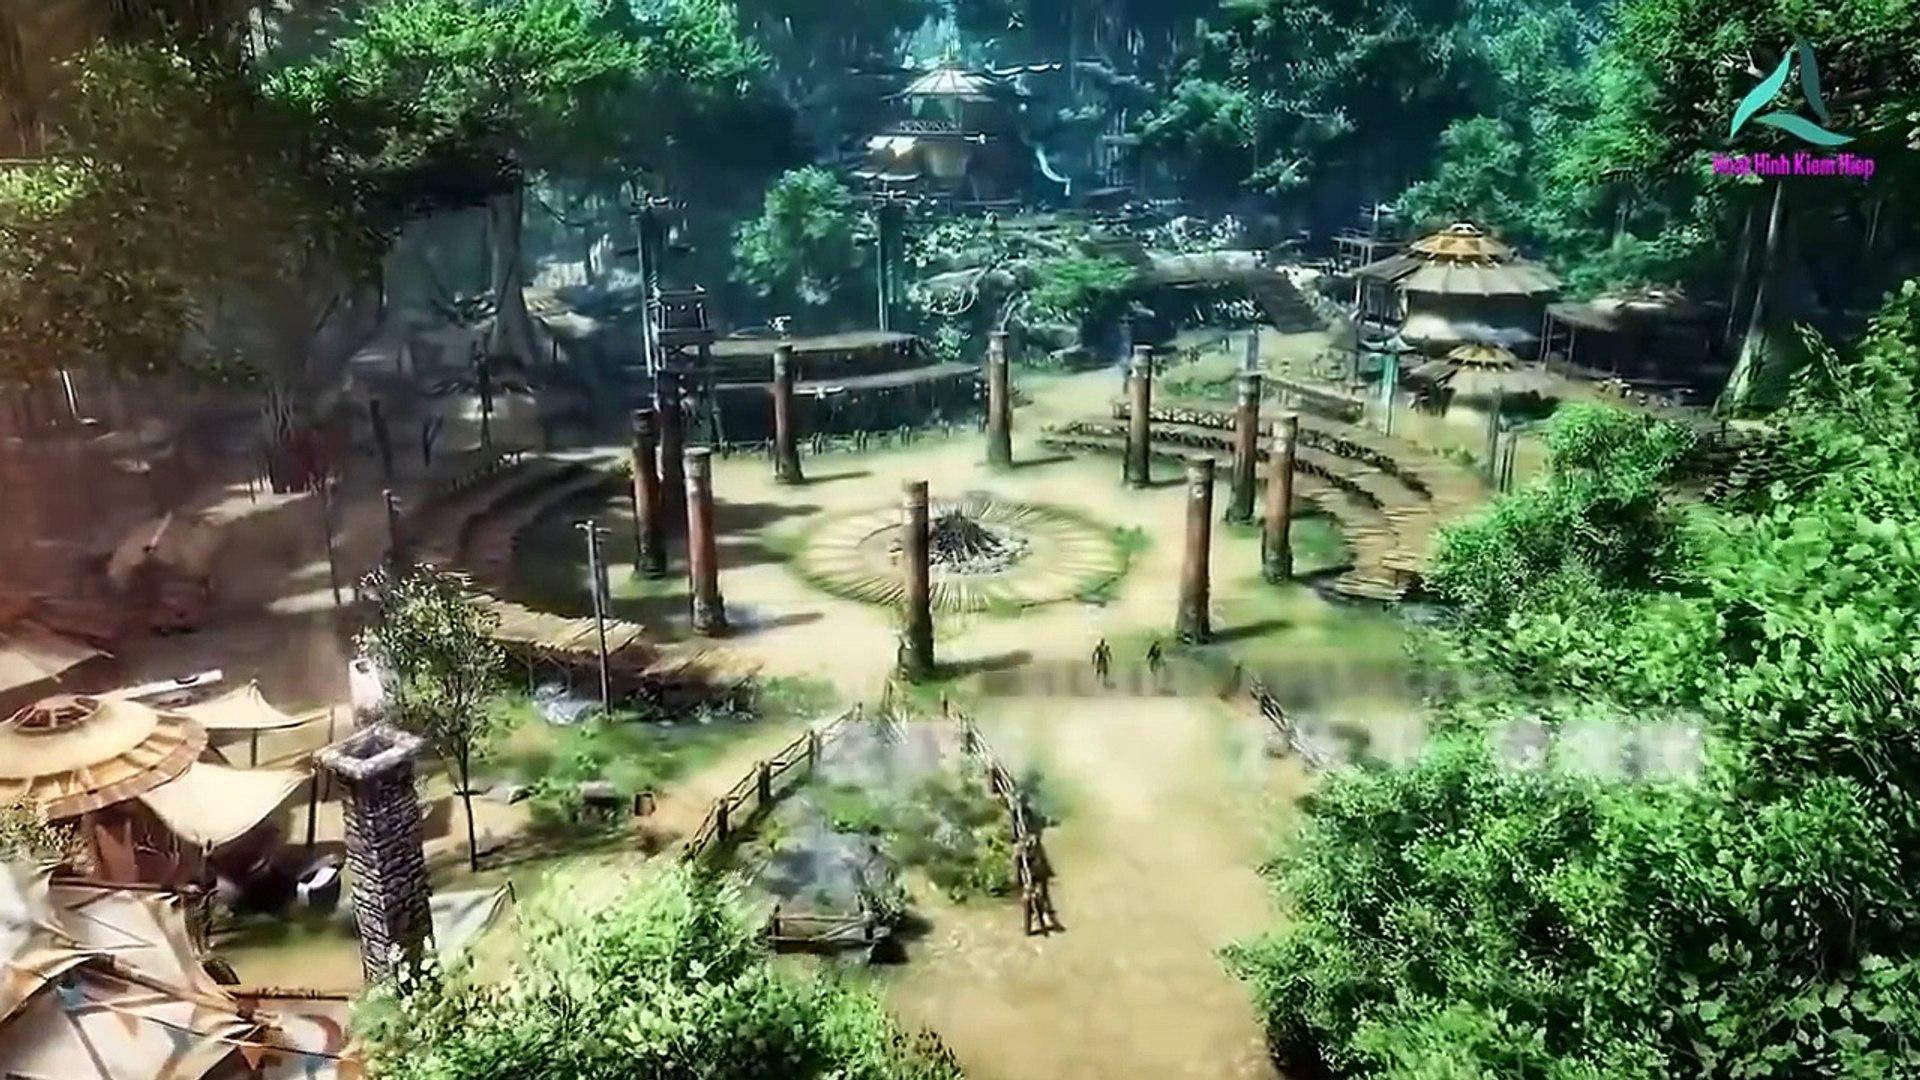 Phim Hoạt Hình Vũ Canh Kỷ Phần 2 Tập 24 FULL- Nghịch Thiên Chi Quyết (2018) Wu Geng Ji | Phim Hoạt H